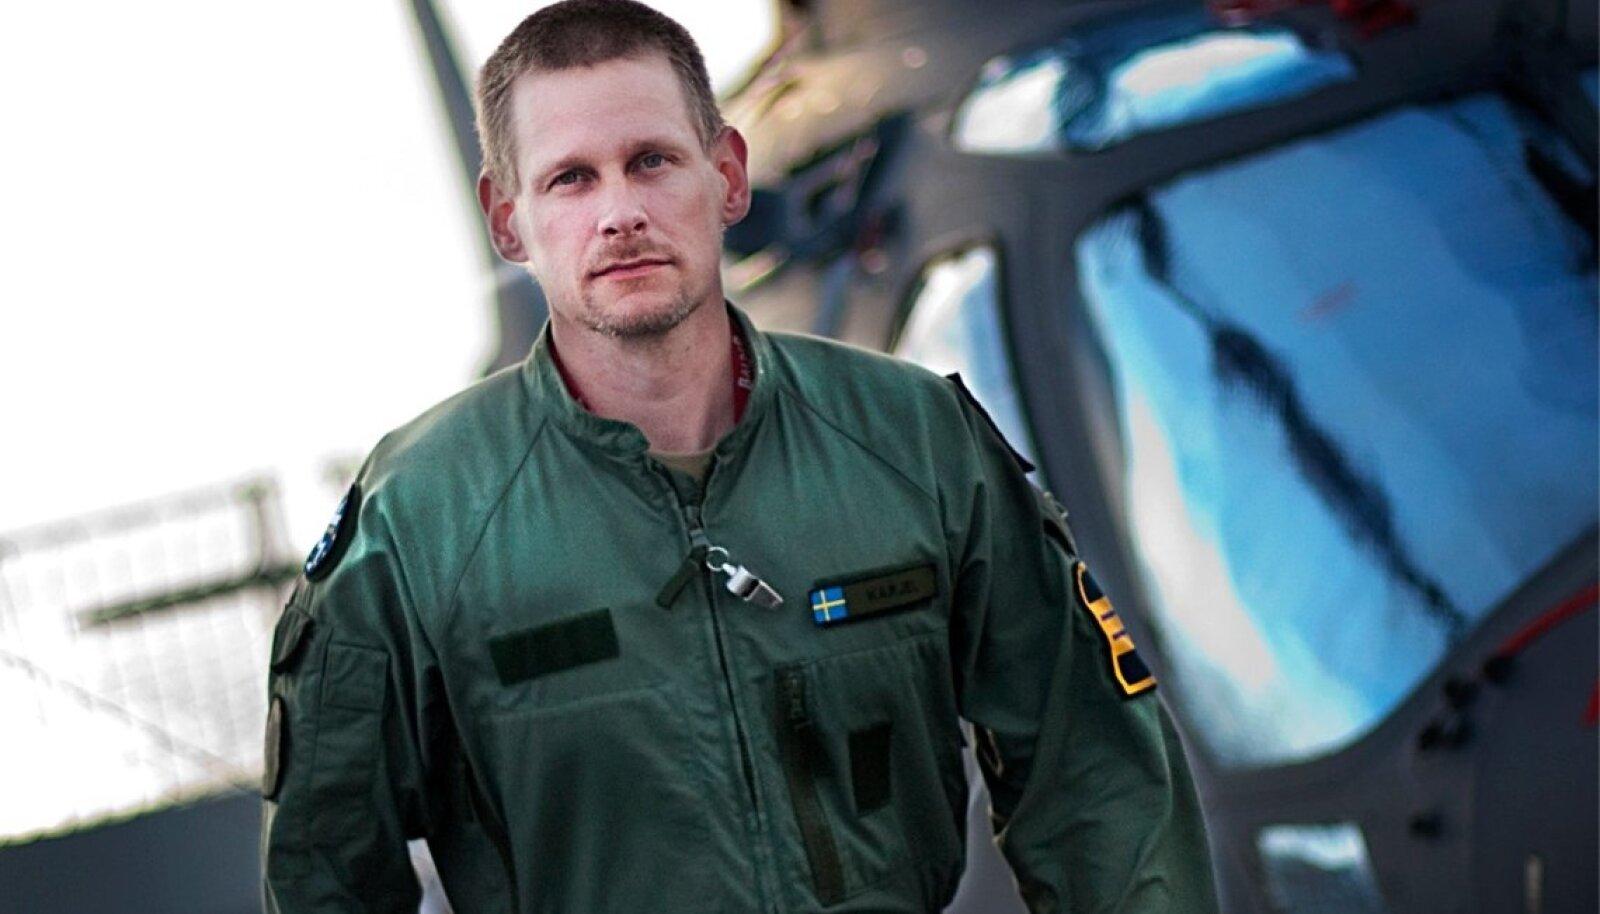 Robert Karjel on Rootsi lennuväe piloot, auastmelt  kolonelleitnant. Ta jagab oma paljusid kogemusi maailma konfliktikolletes ja räägib, kuidas seal hakkama saada.